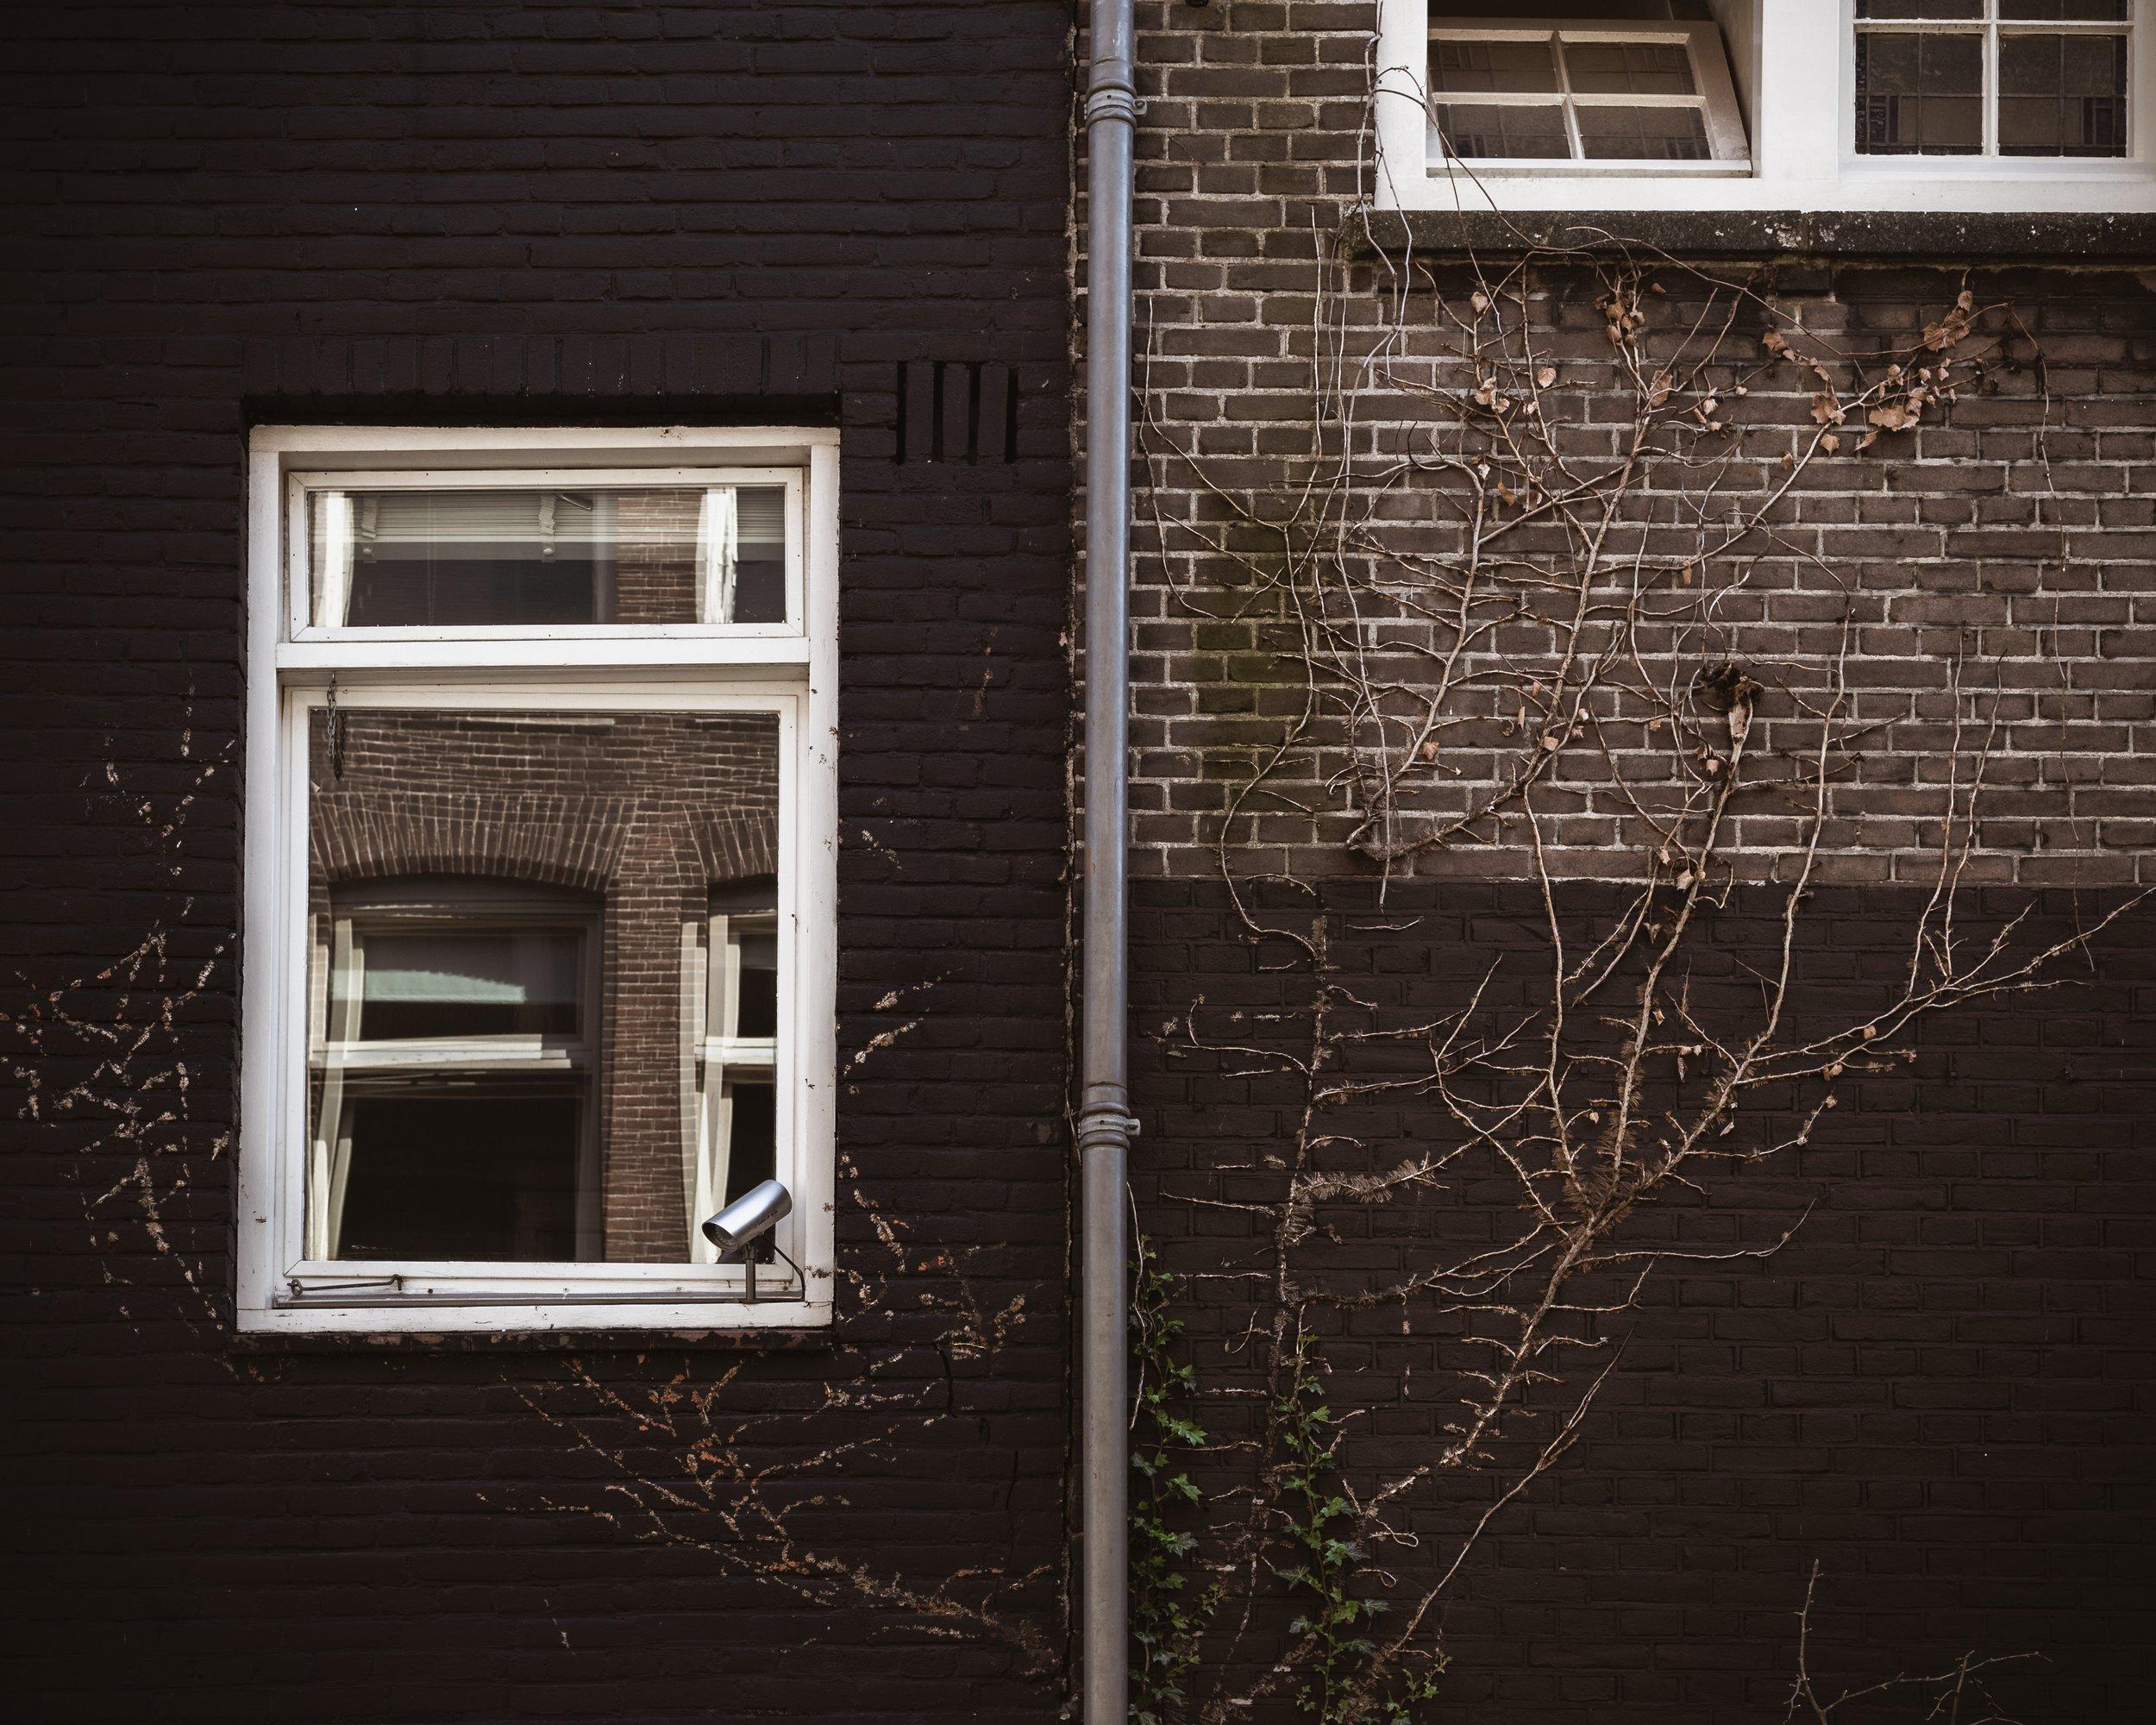 Vedligeholdelseskonto i Aarhus og omegn